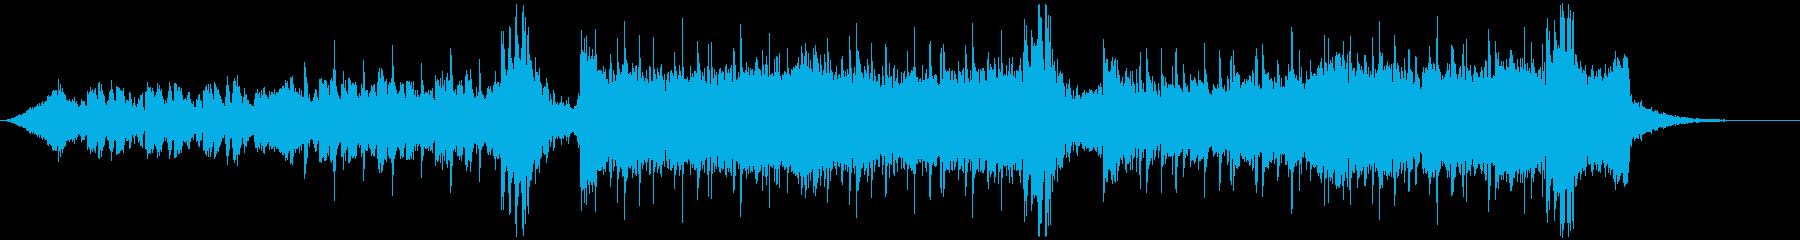 シネマチックで疾走感あるクールなロックの再生済みの波形